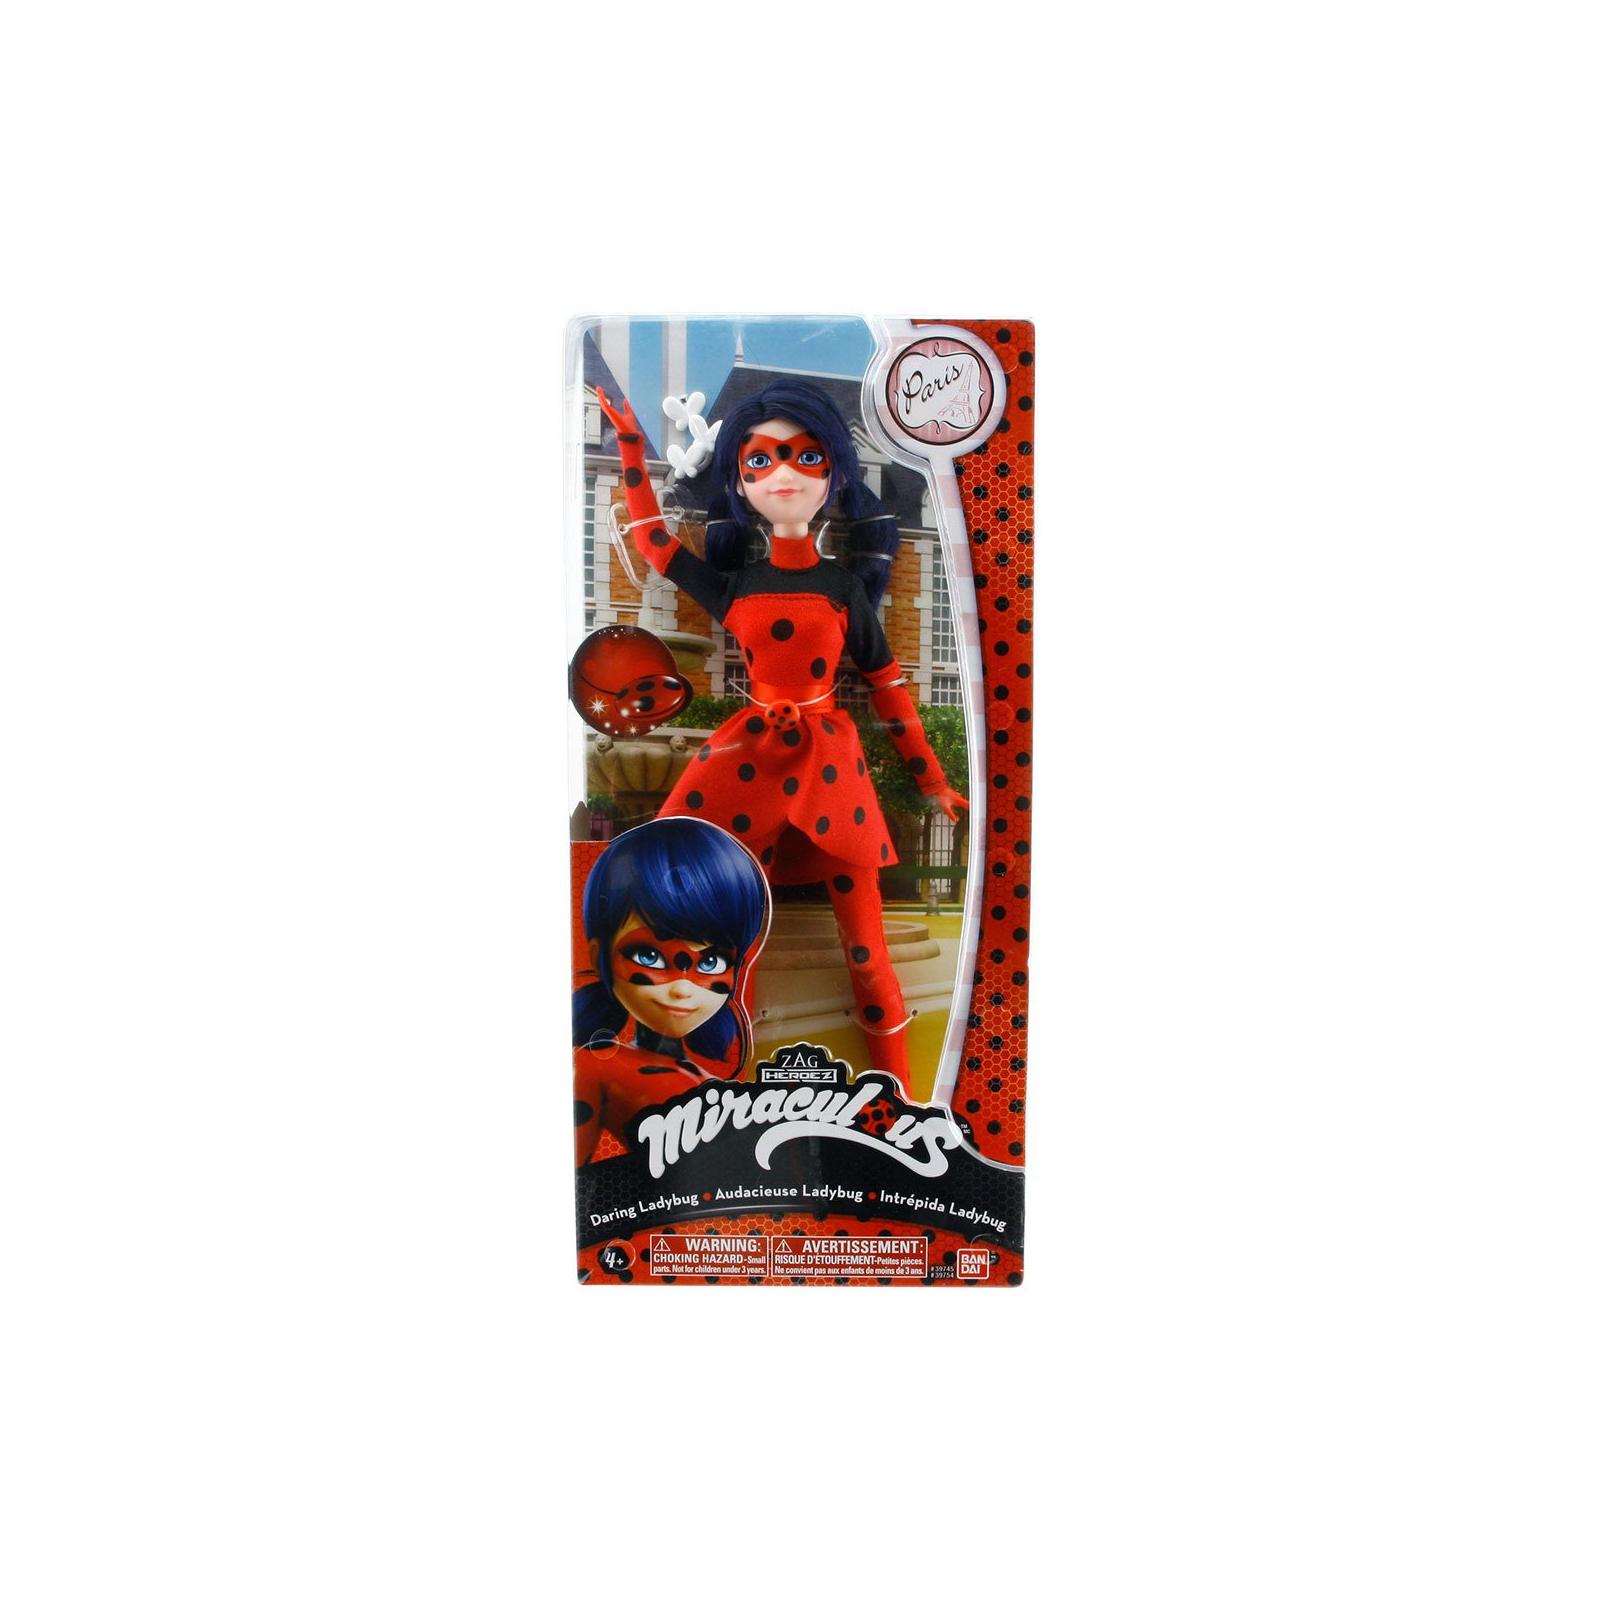 Кукла Miraculous серии Делюкс Супер Прекрасная Леди Баг 26 см с аксессуаром (39754) изображение 6